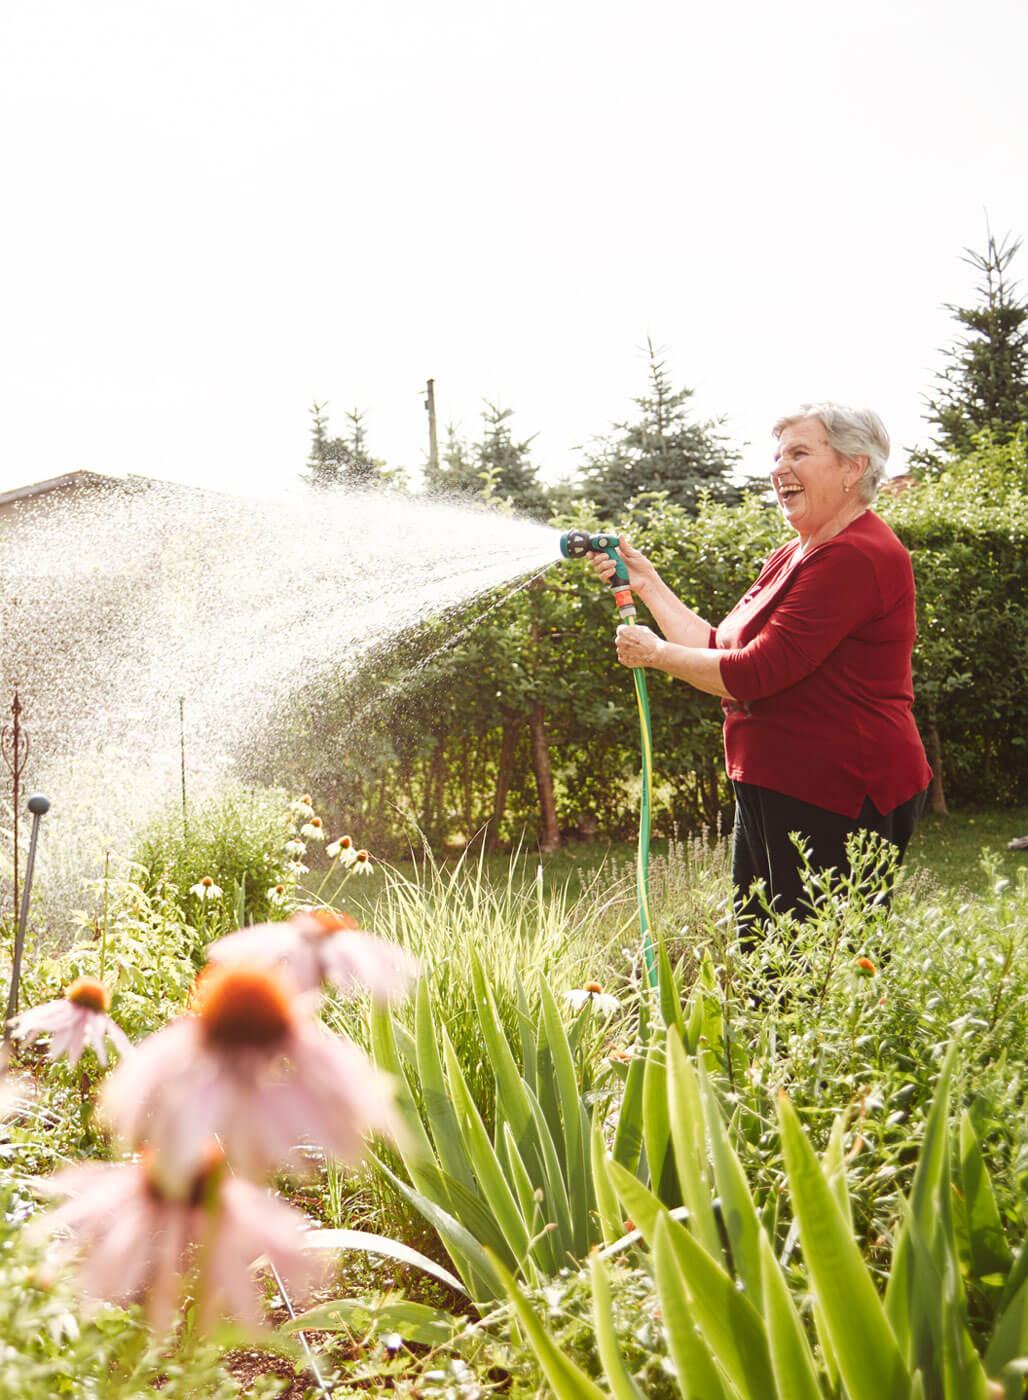 Seniorin wässert ihren Garten.